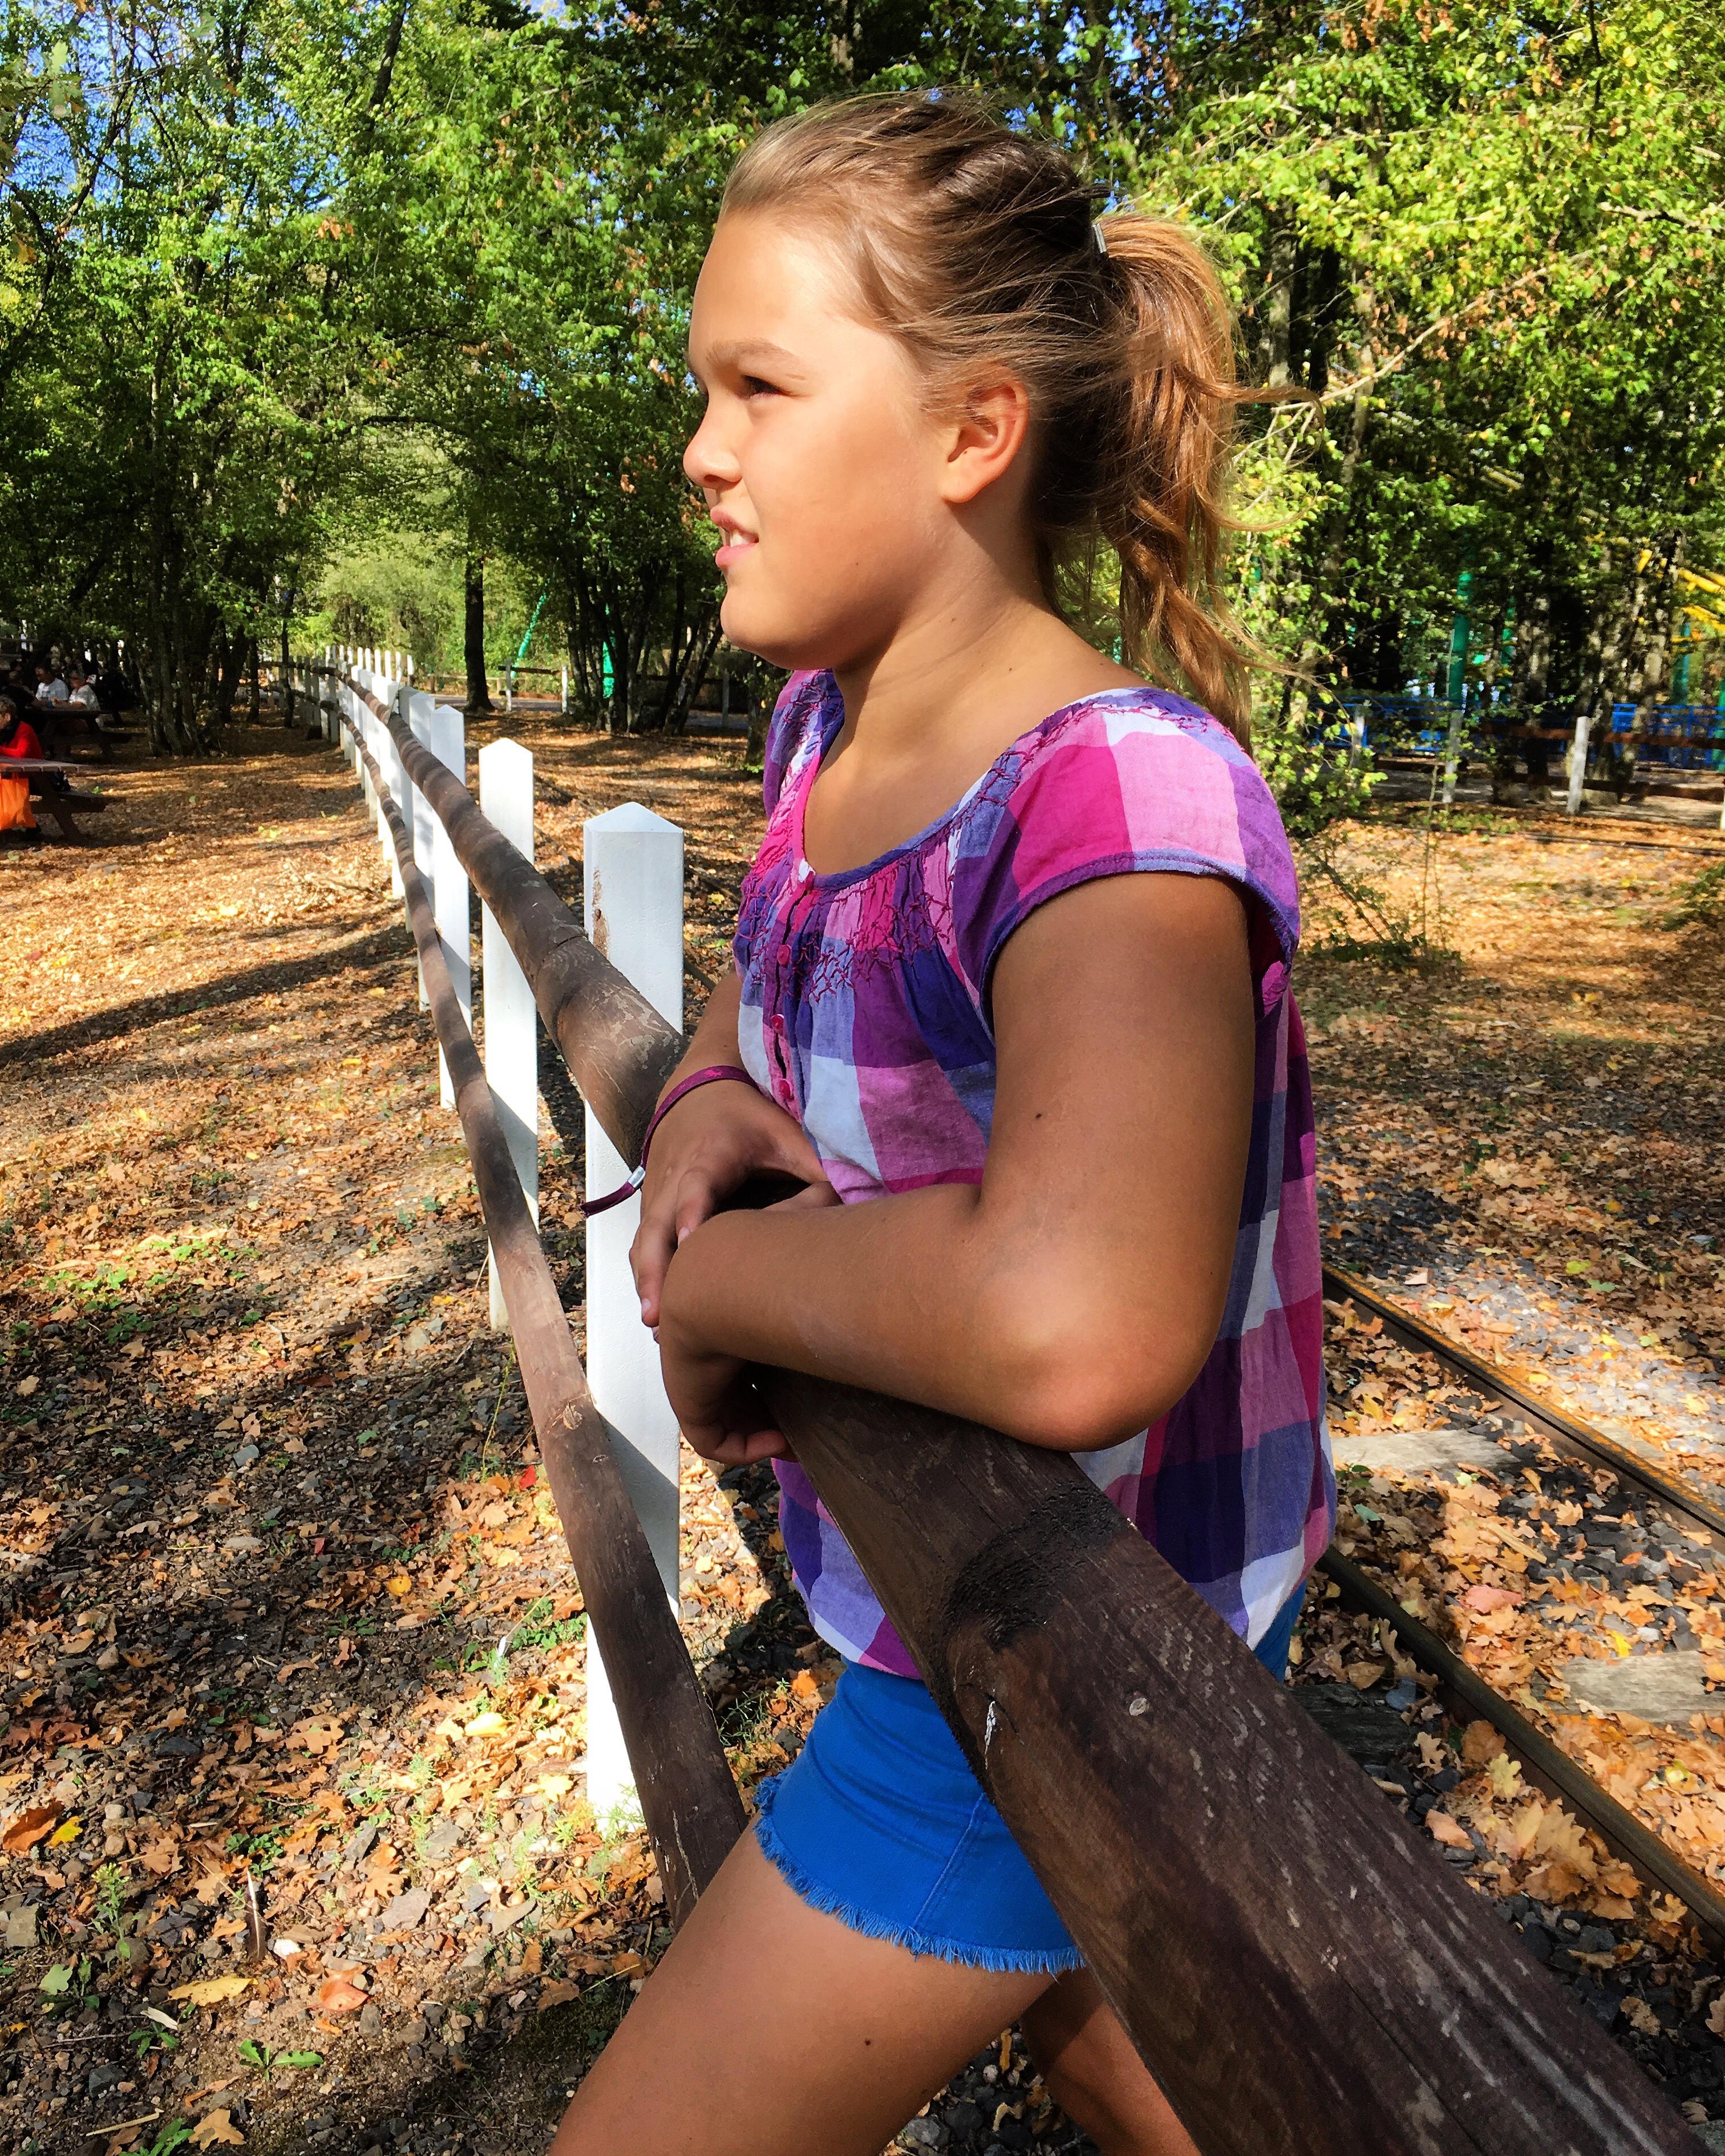 Füchsin Greenlygreeen Kinder Freilernen Freilerner Schulfrei Greenlygreen Naturvertrauen